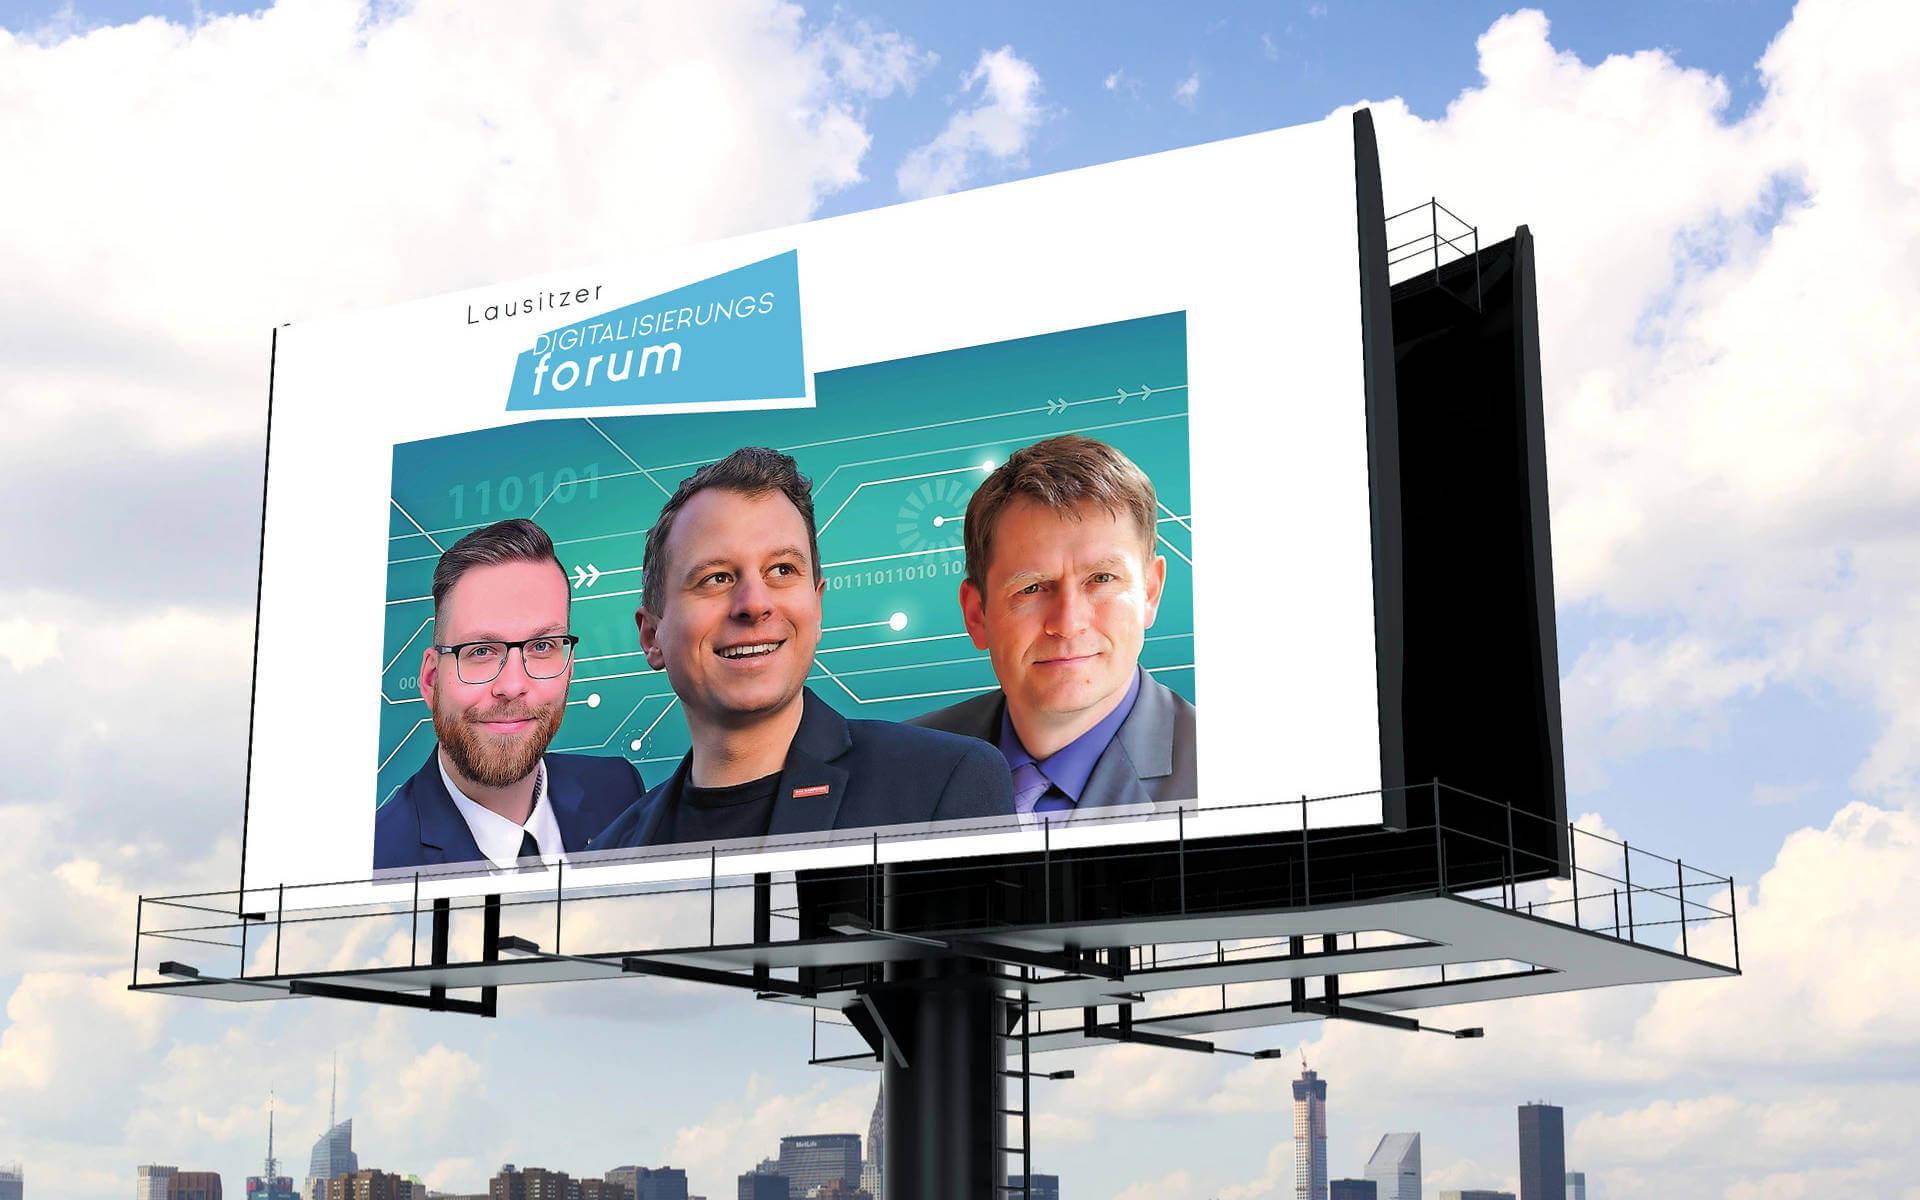 Lausitzer Digitalisierungsforum